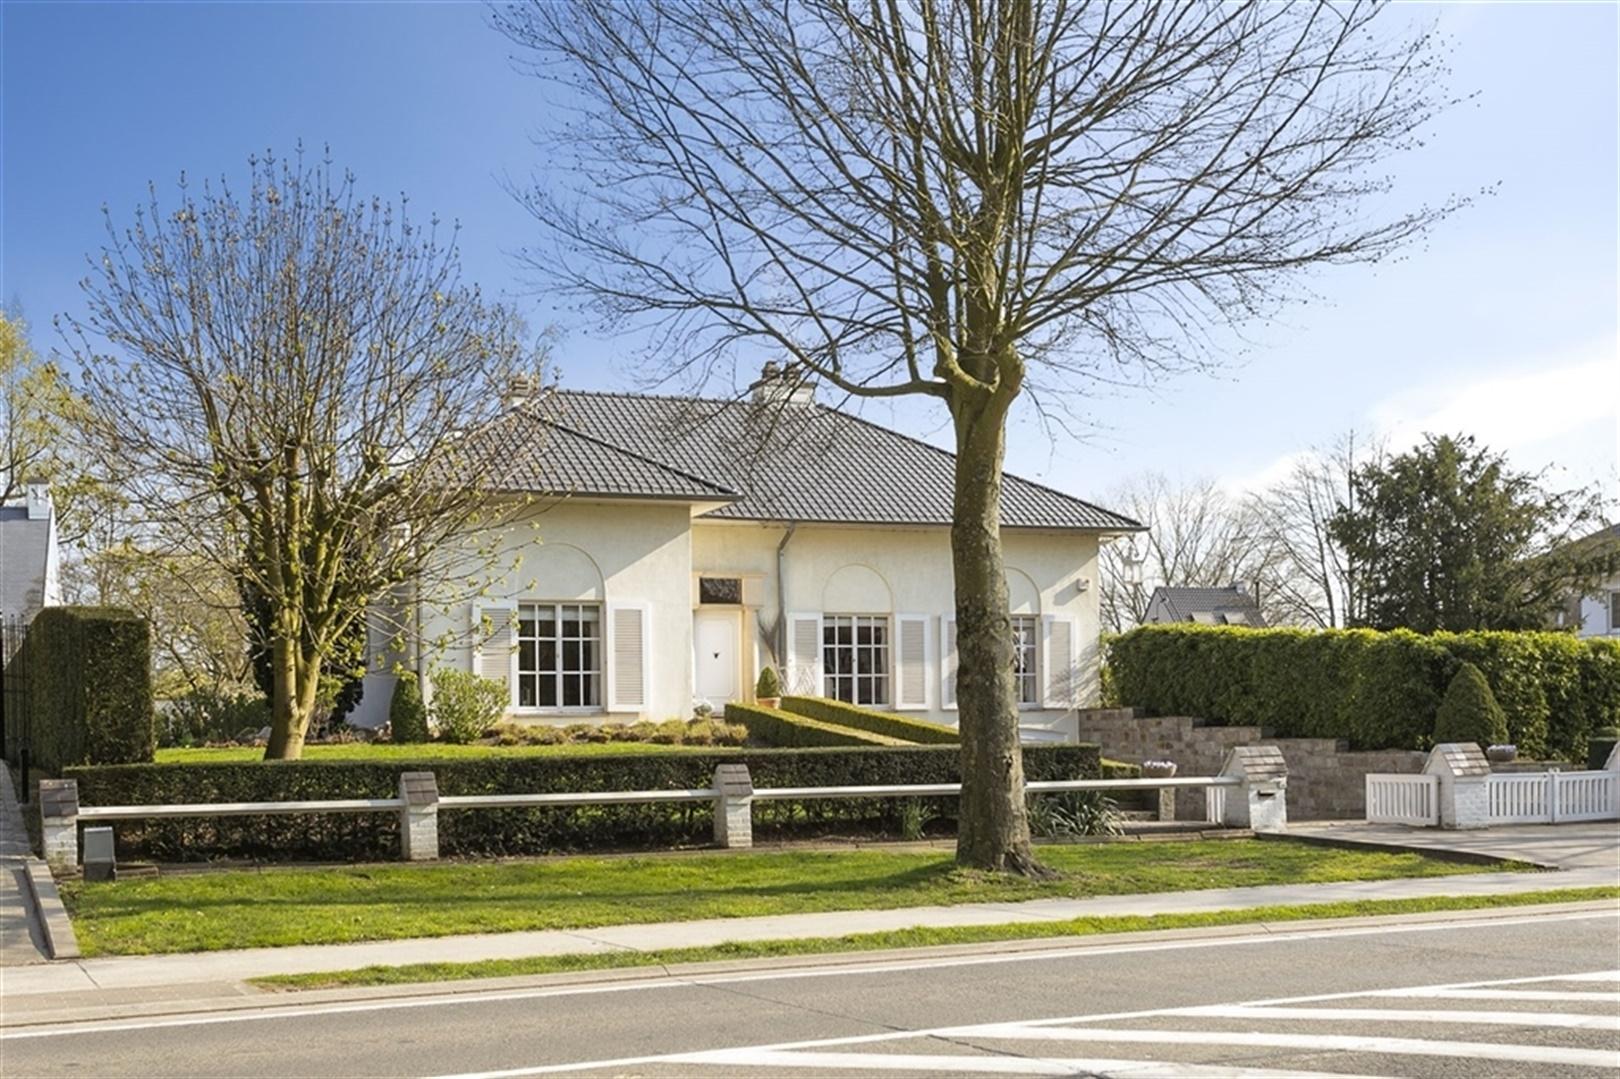 Ruime villa met 2 slaapkamers en prachtige tuin